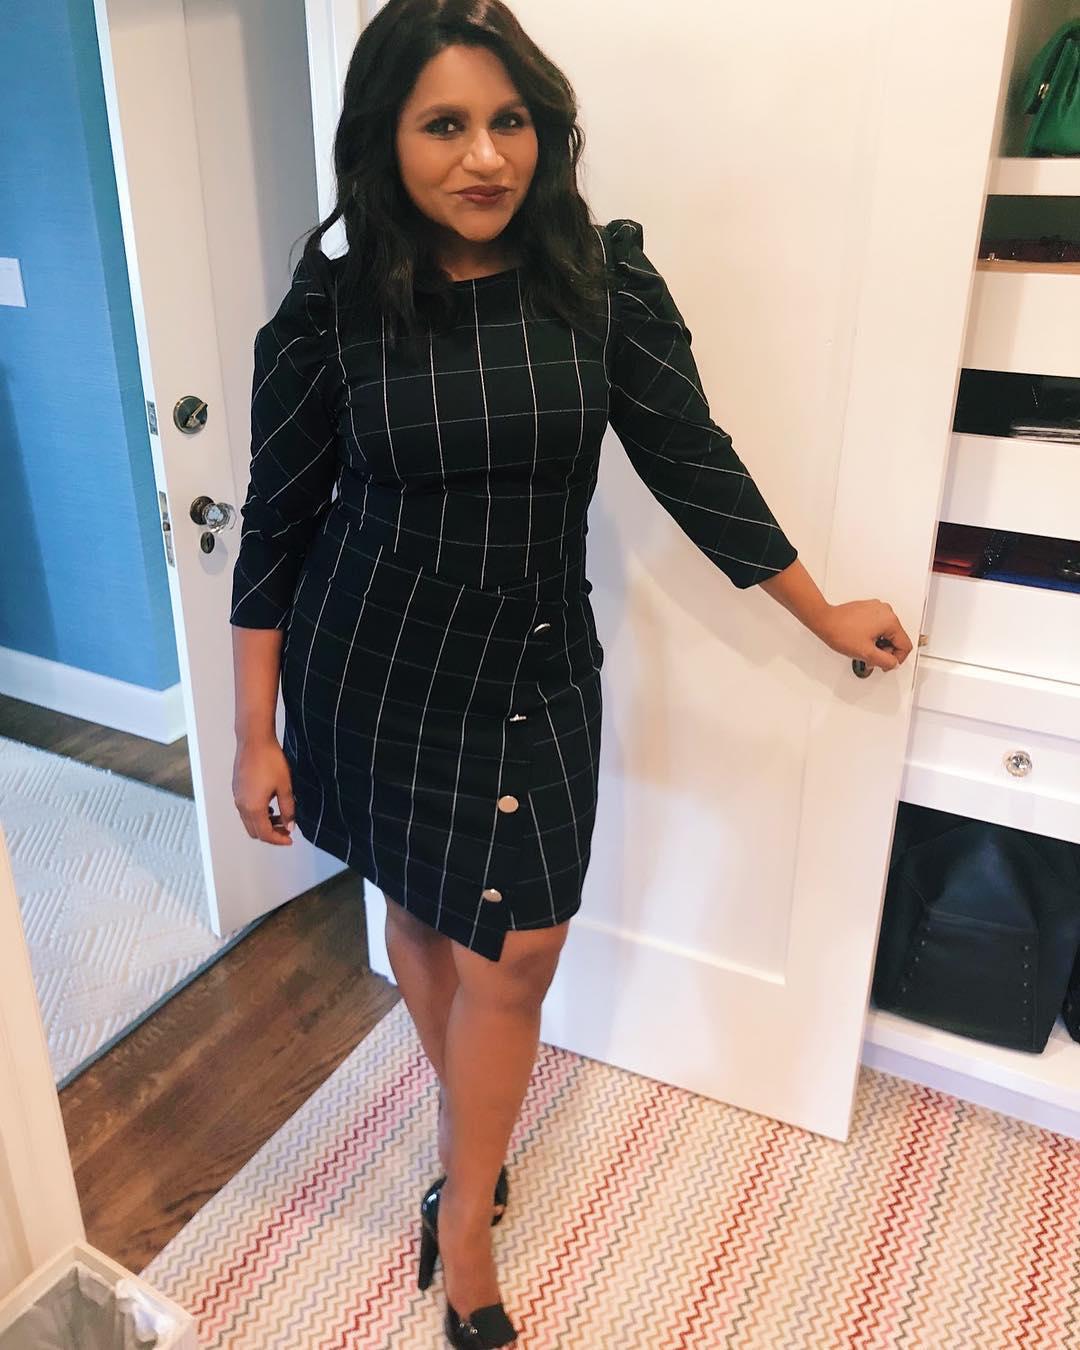 Mindy Kaling Wearing Windowpane Dress 2020 Stylefavourite Com